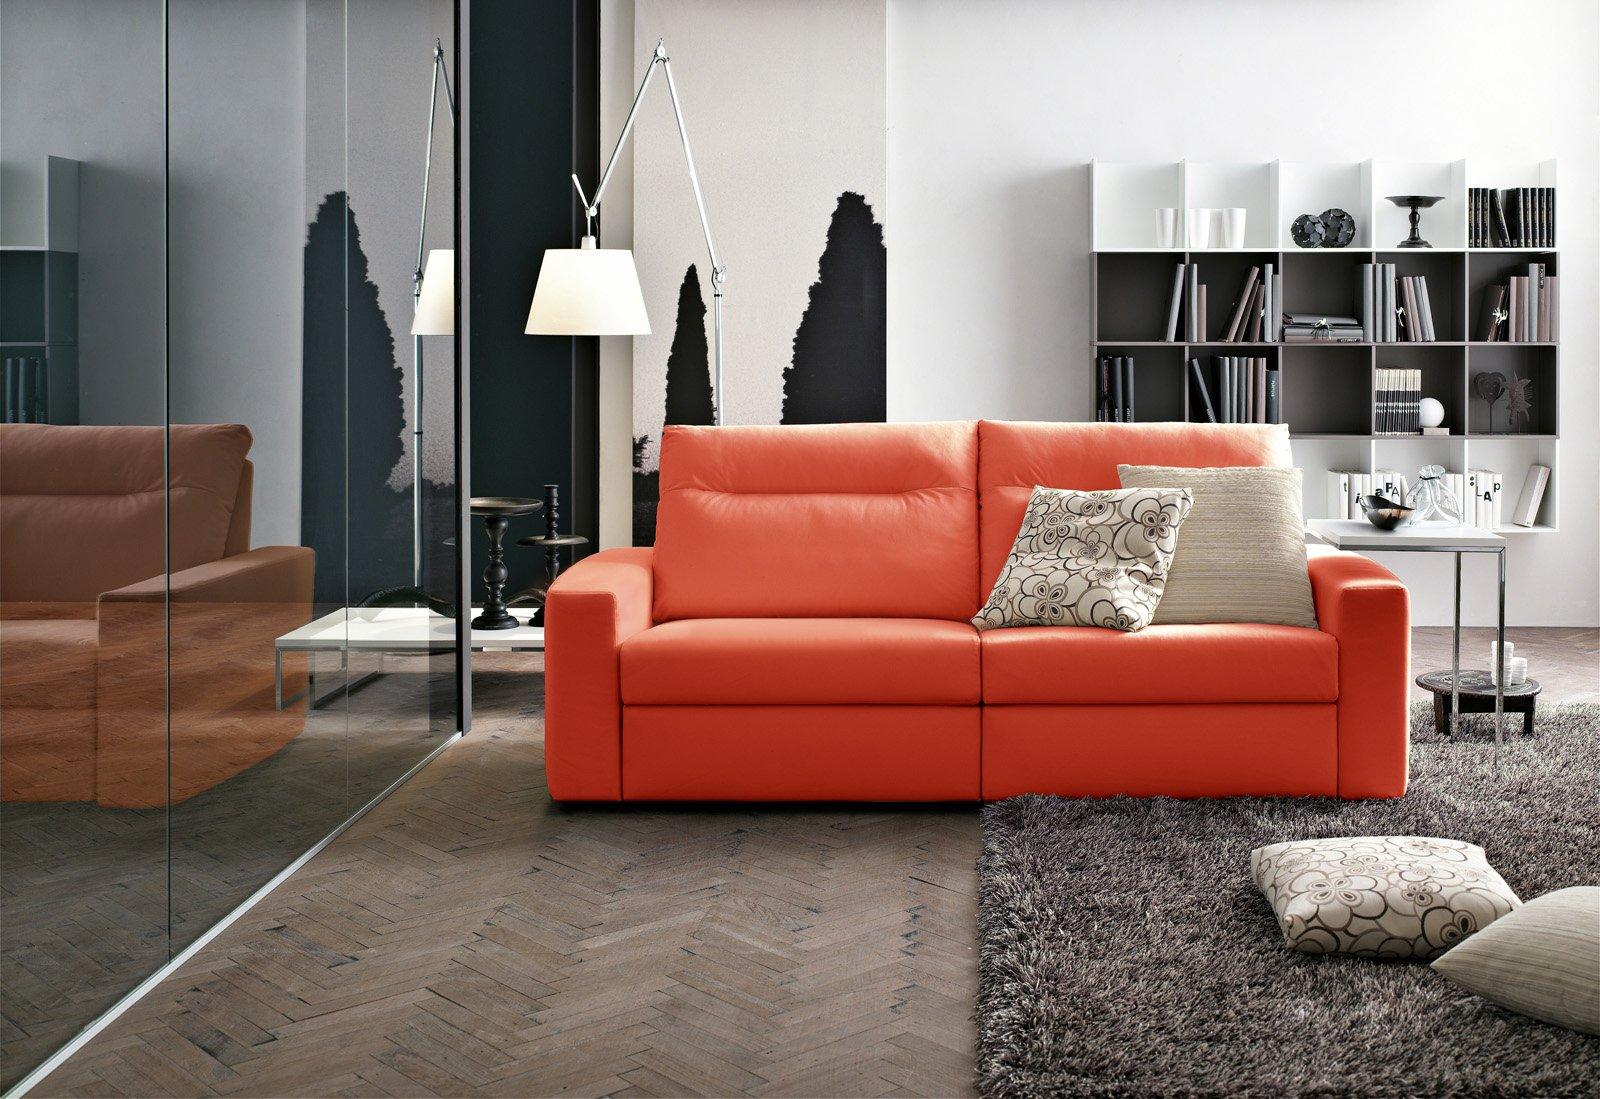 Colori Tessuti Poltrone E Sofa.Divano Come Si Capisce La Qualita Cose Di Casa